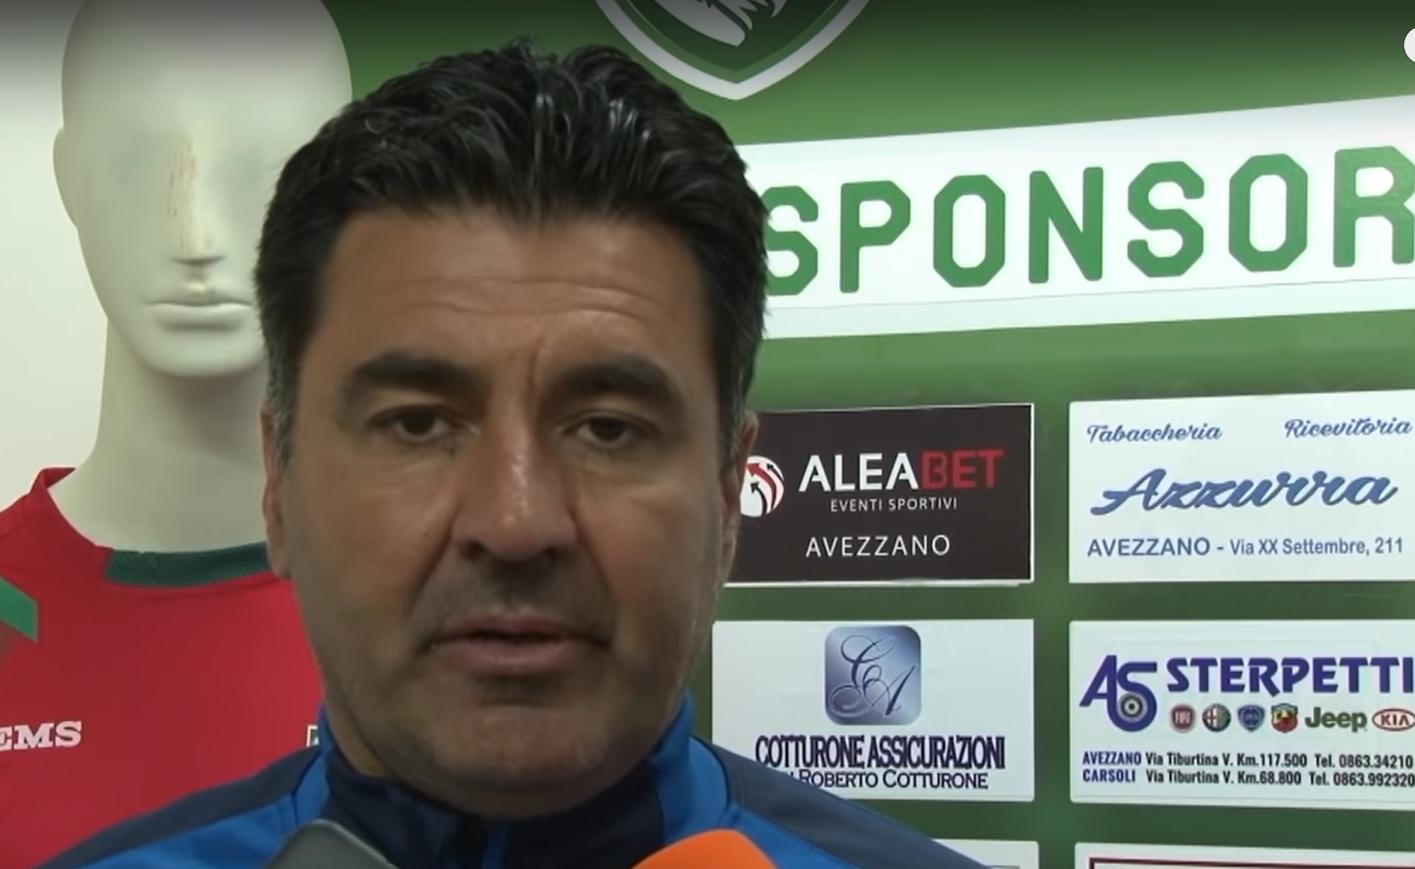 Non sarà più Colavitto l'allenatore dell'Avezzano. Il tecnico lascia per differenza di vedute con la dirigenza